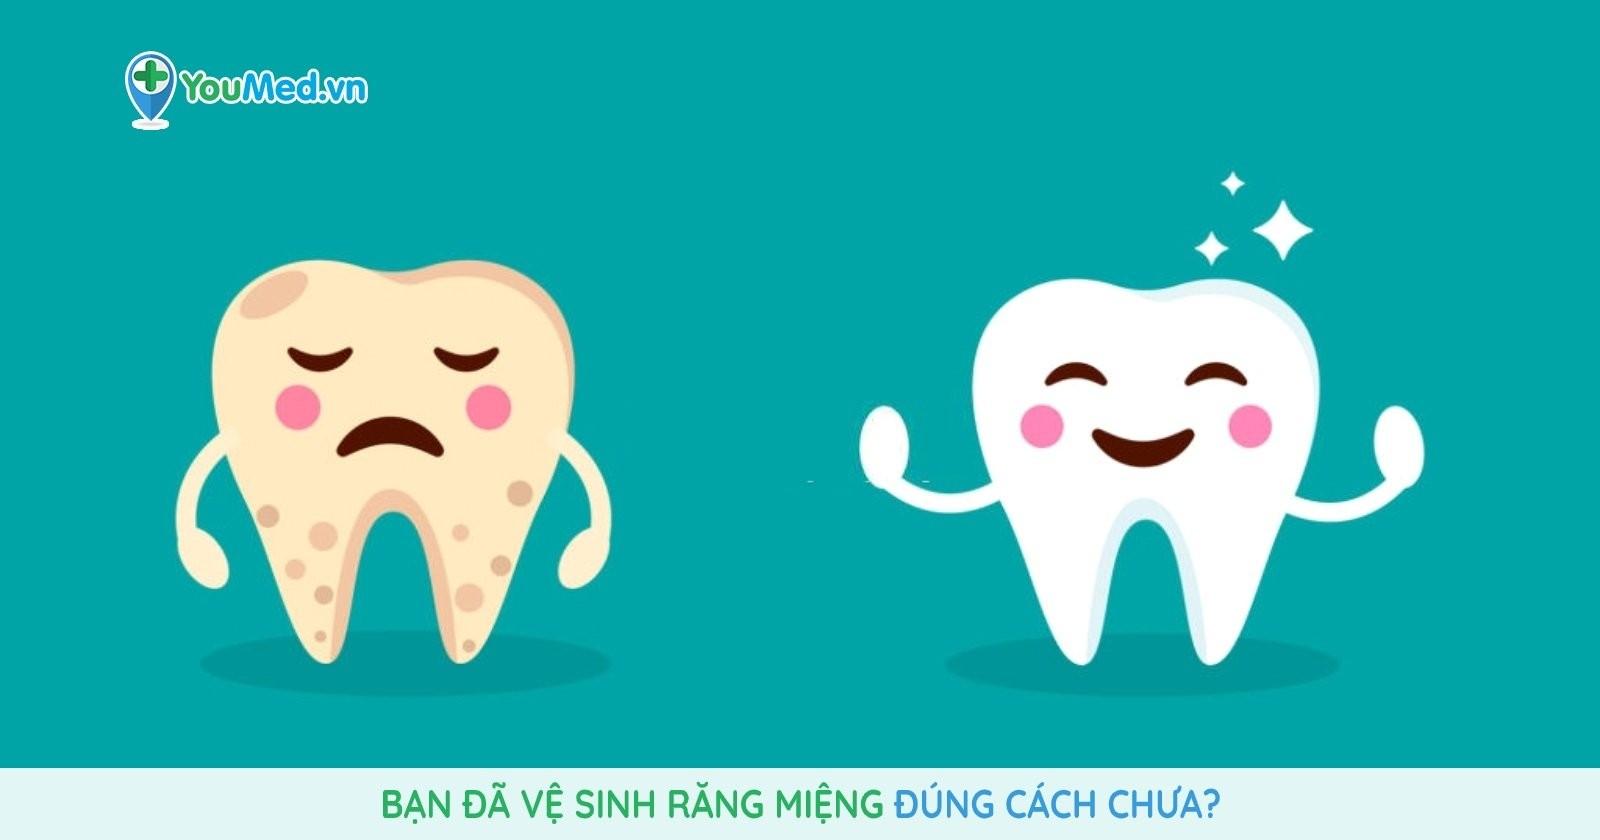 ban-da-ve-sinh-rang-mieng-dung-cach-chua